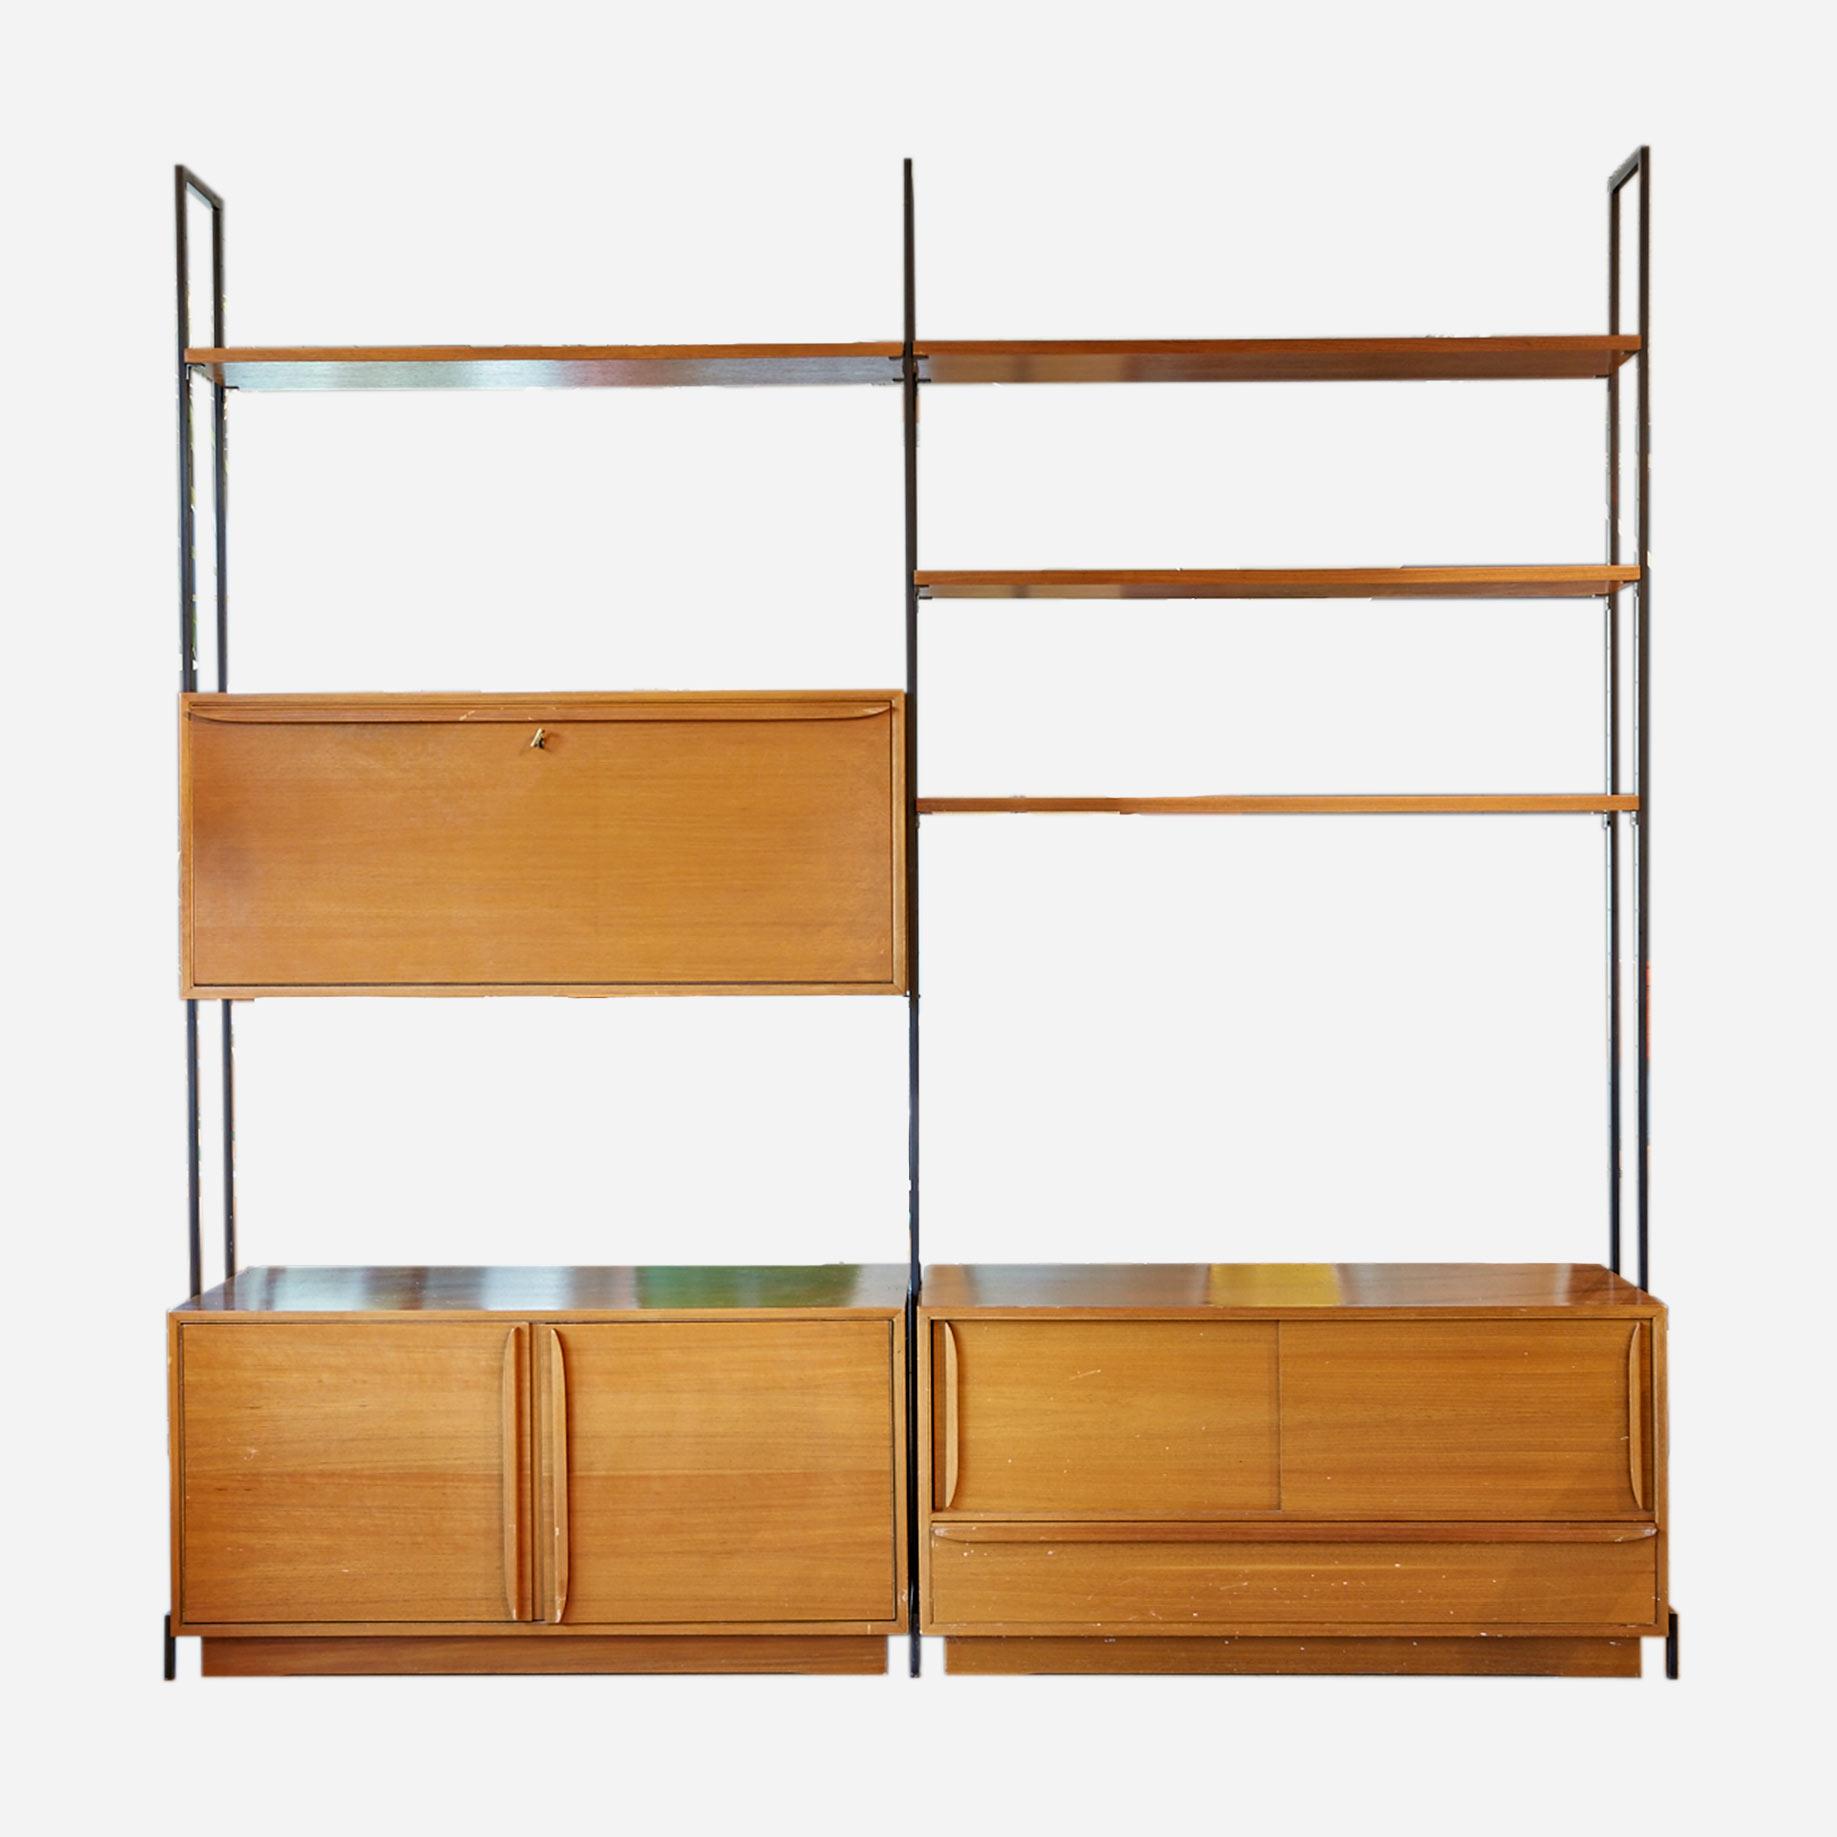 b cherregal in teak freistehend m bel z rich vintagem bel. Black Bedroom Furniture Sets. Home Design Ideas